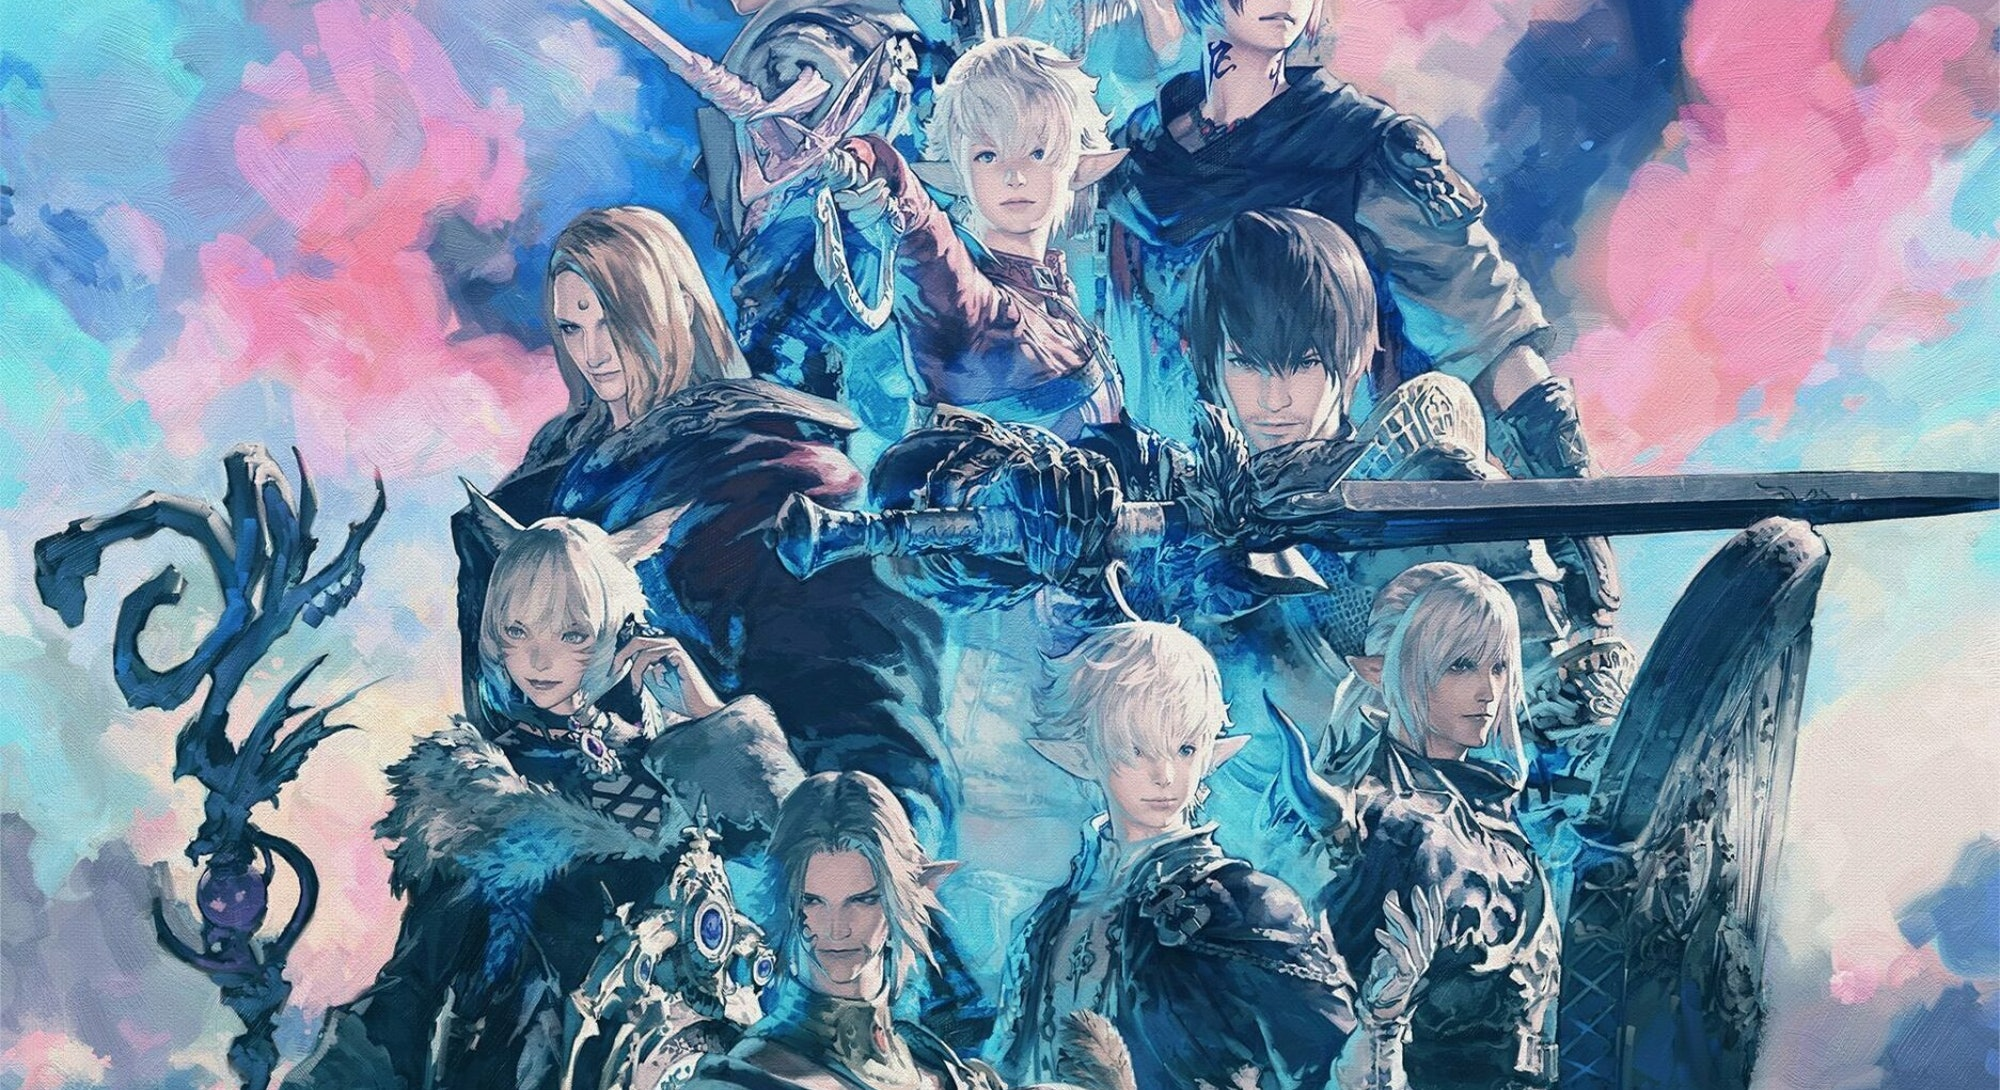 Final Fantasy 14 Endwalker character poster